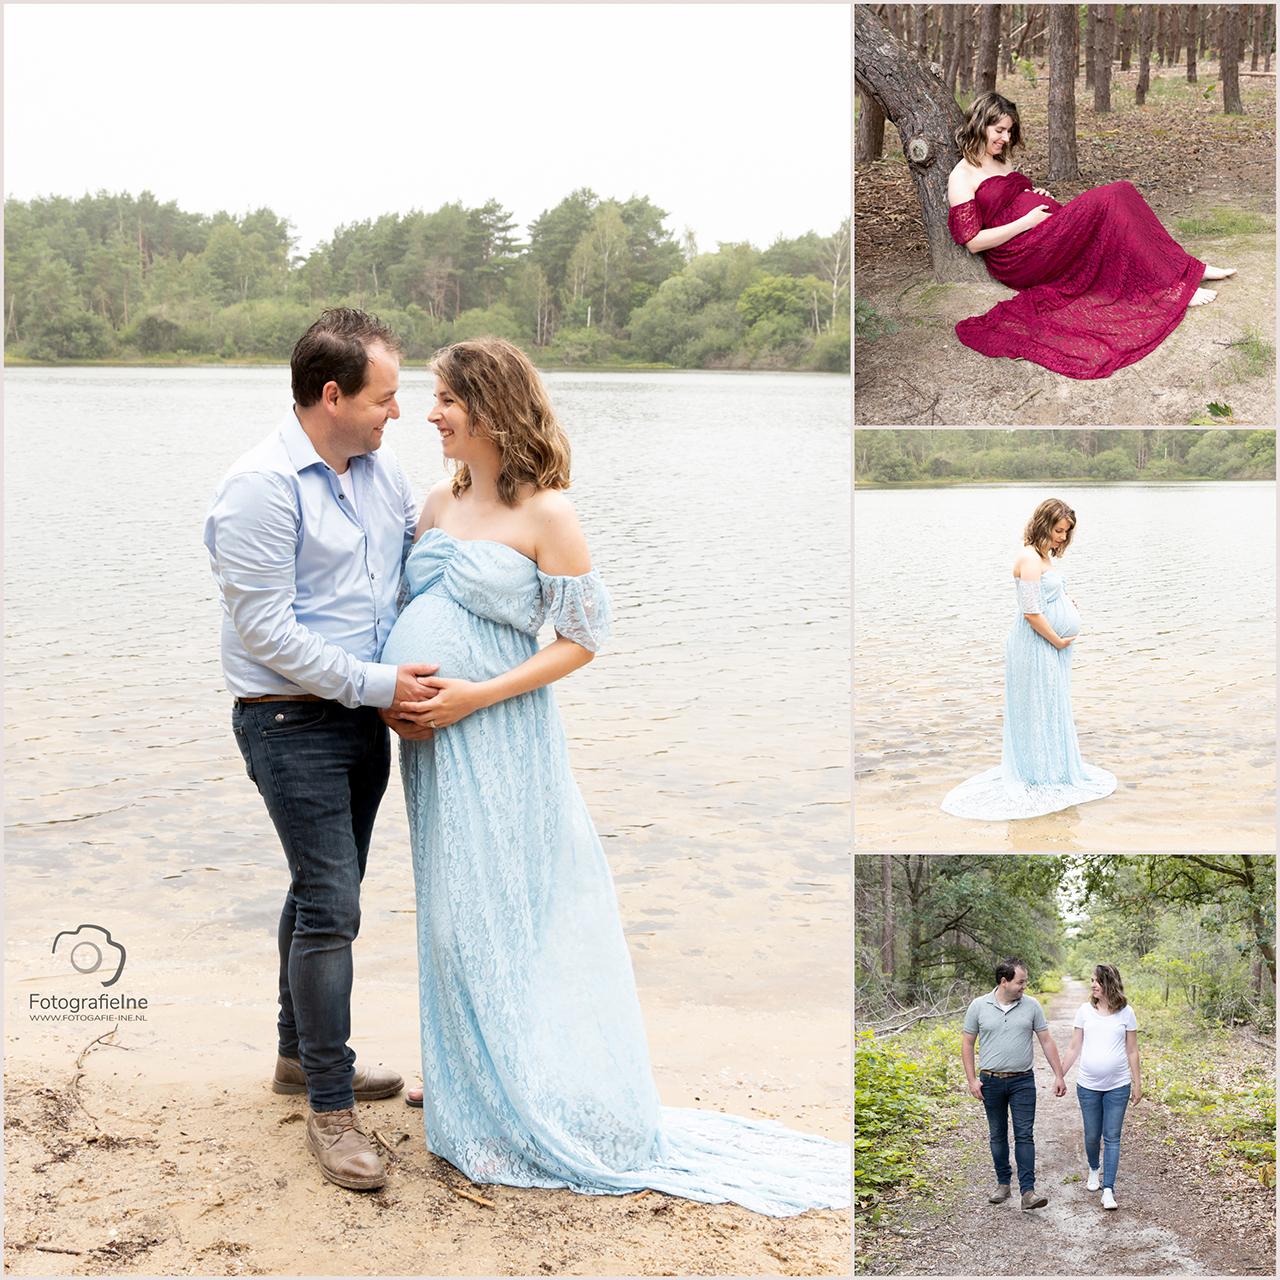 Fotografie Ine zwangerschap Marieke en Gijs